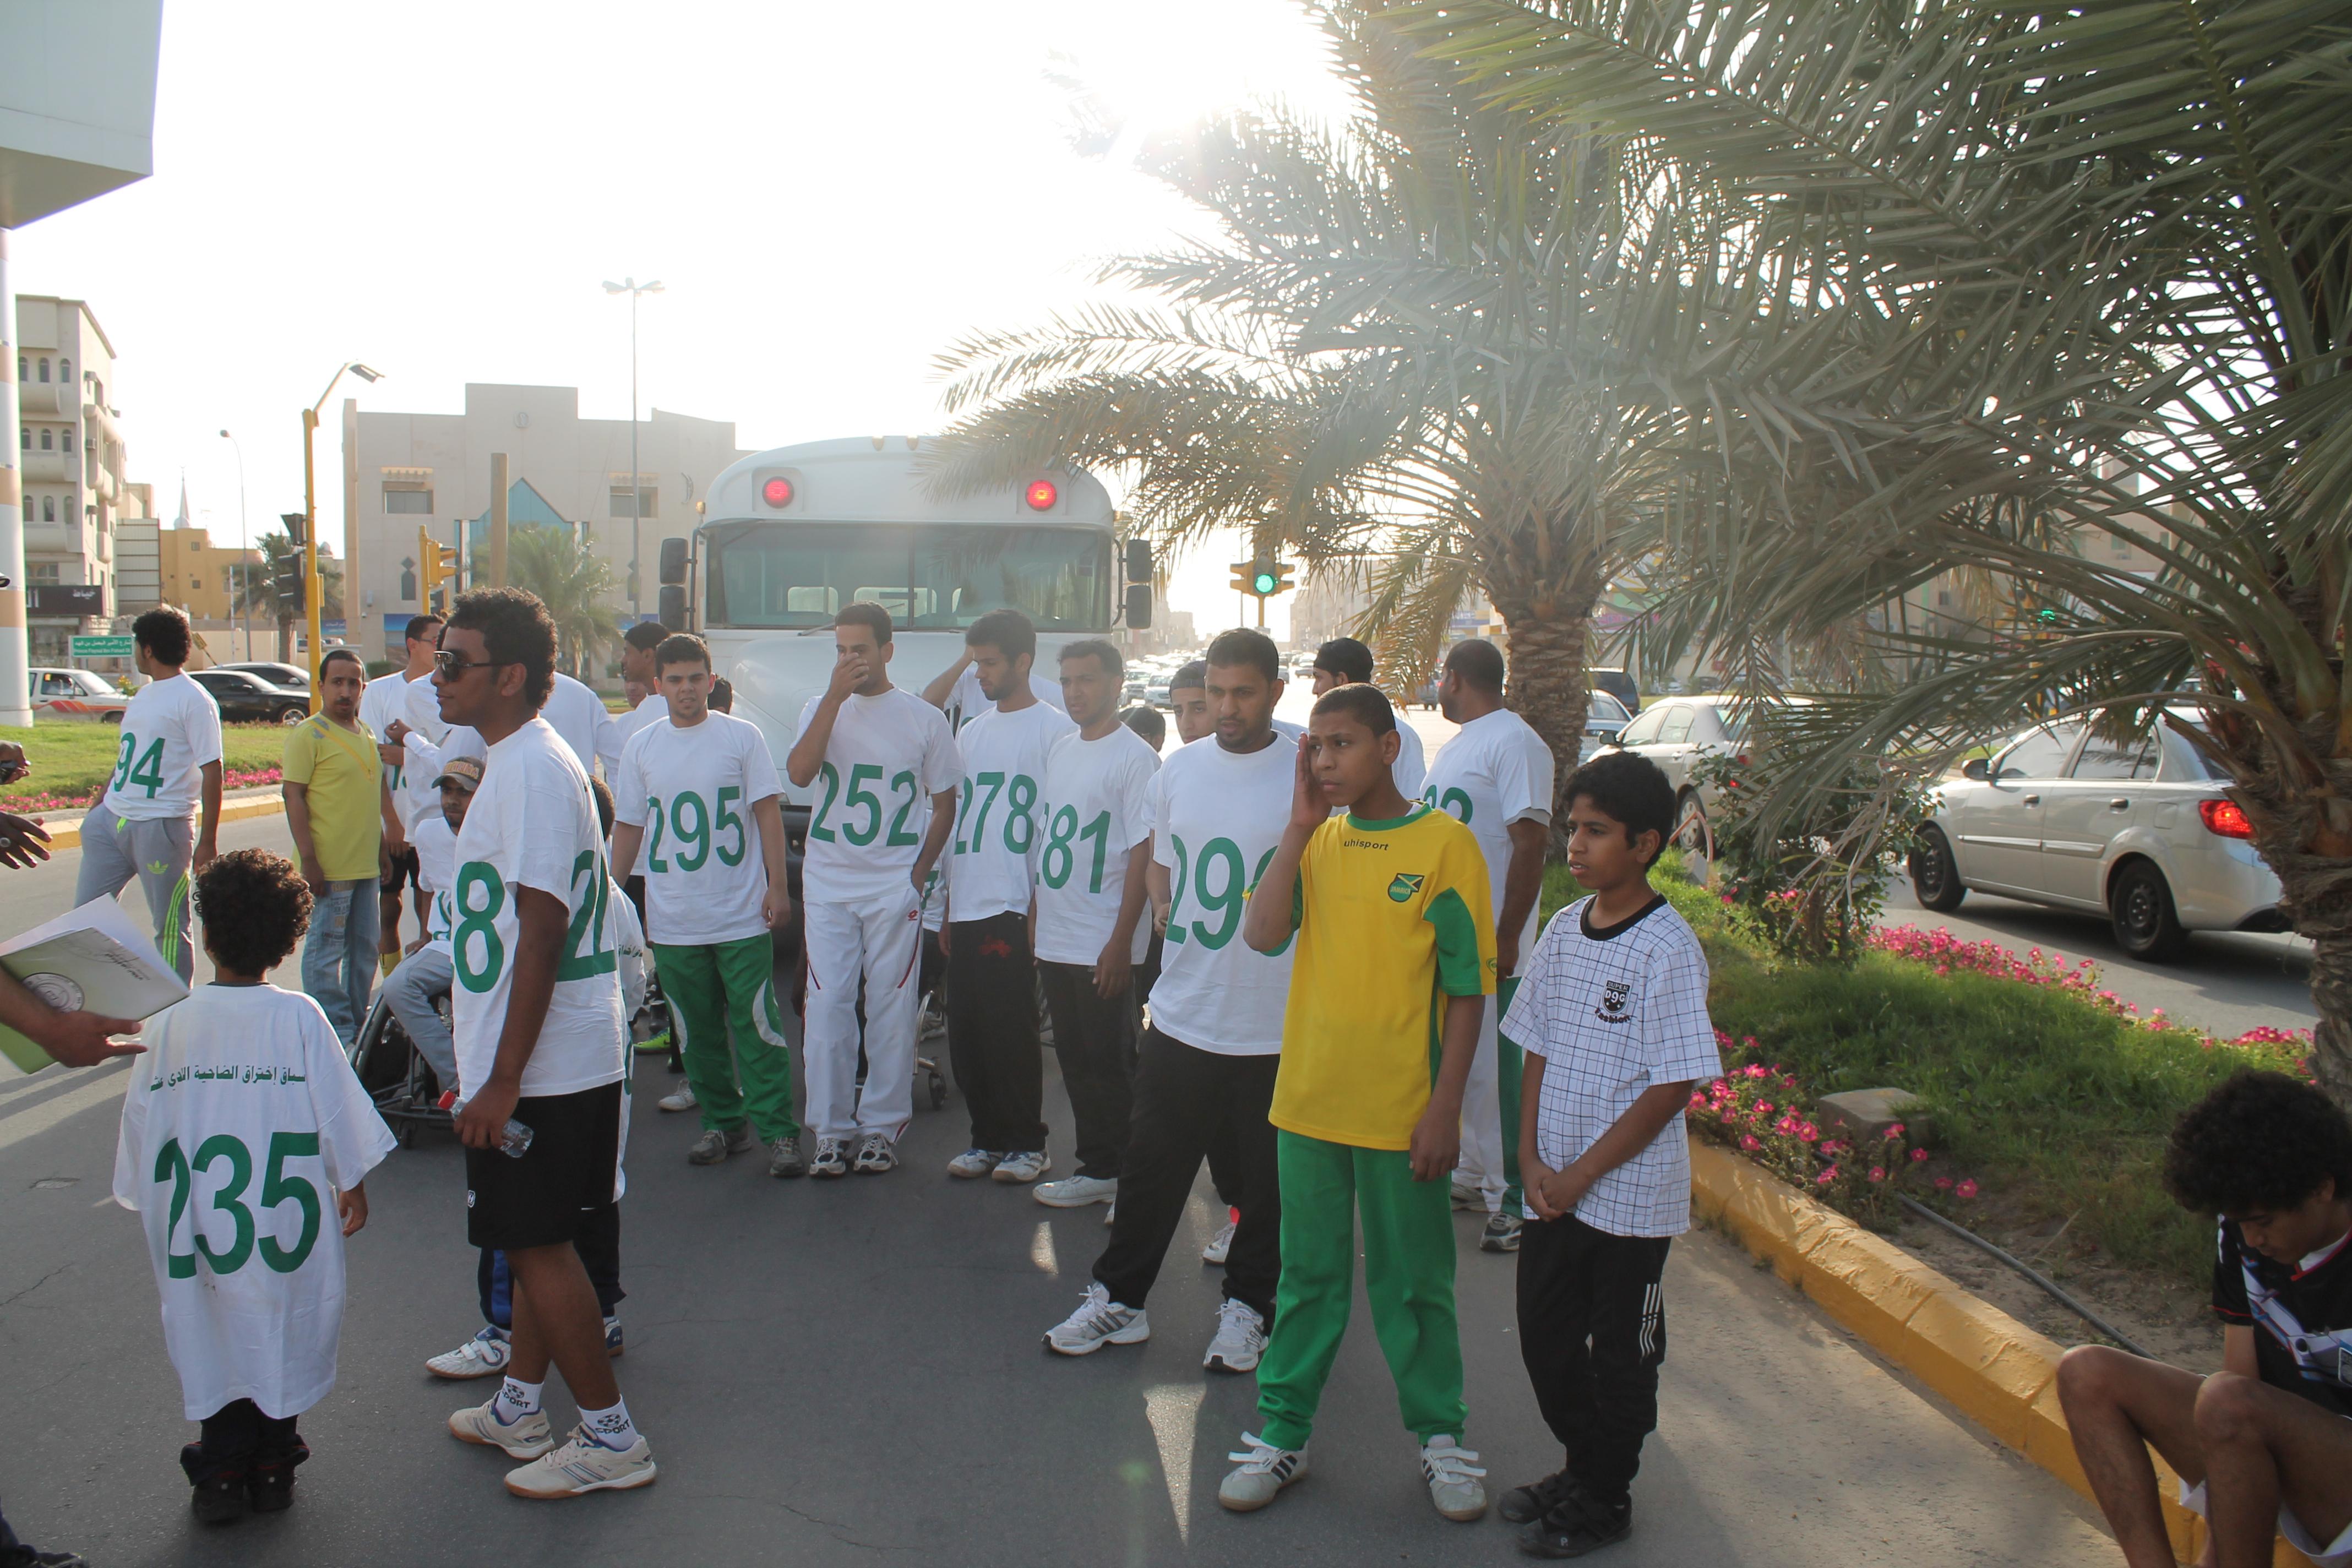 سباق الجري بجامعة الملك فيصل